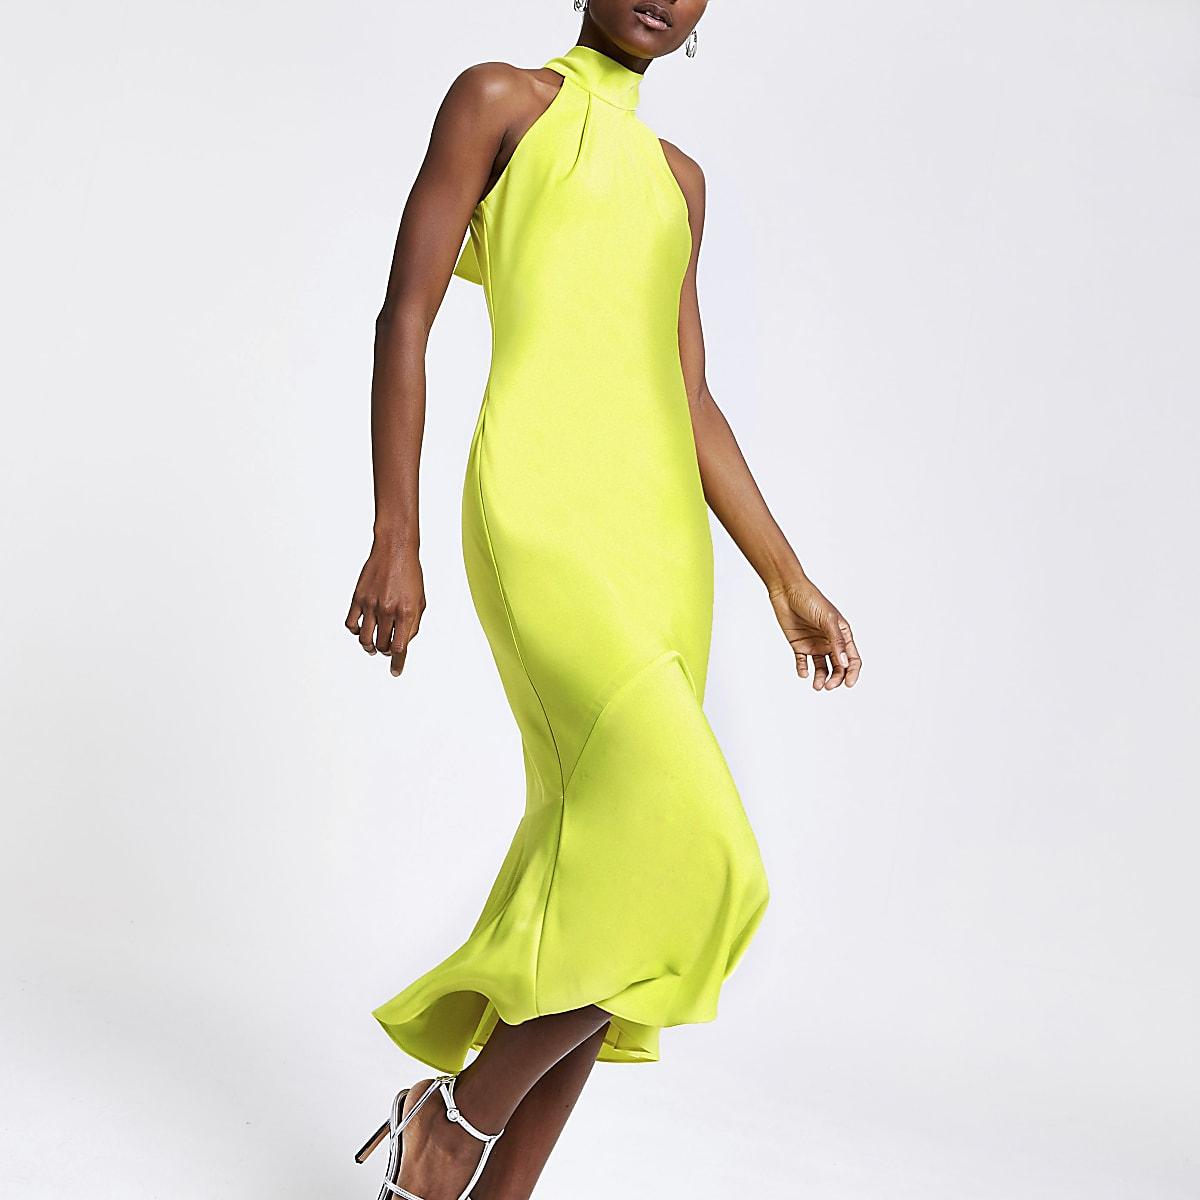 Lime halter neck bodycon dress